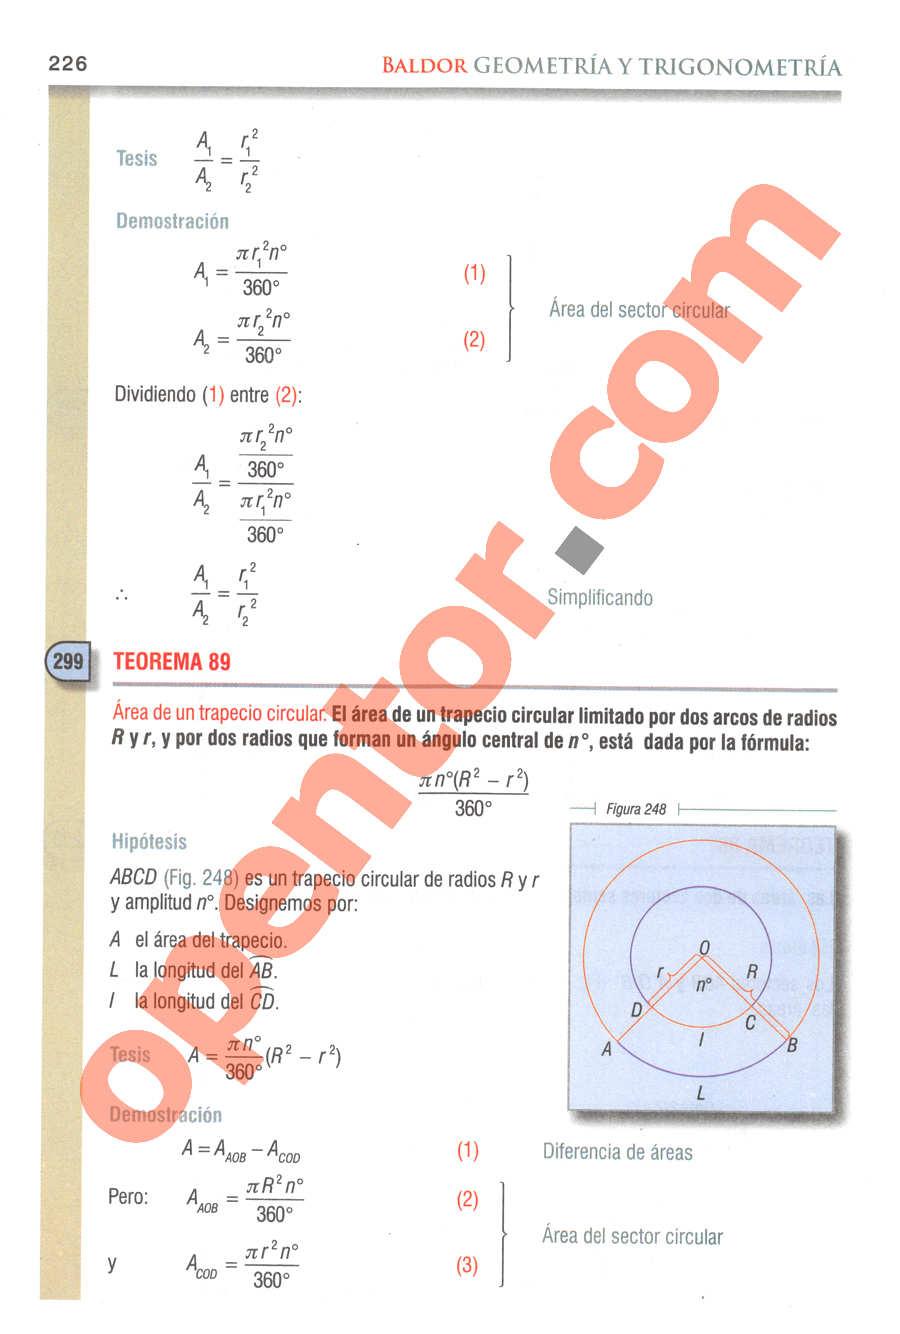 Geometría y Trigonometría de Baldor - Página 226